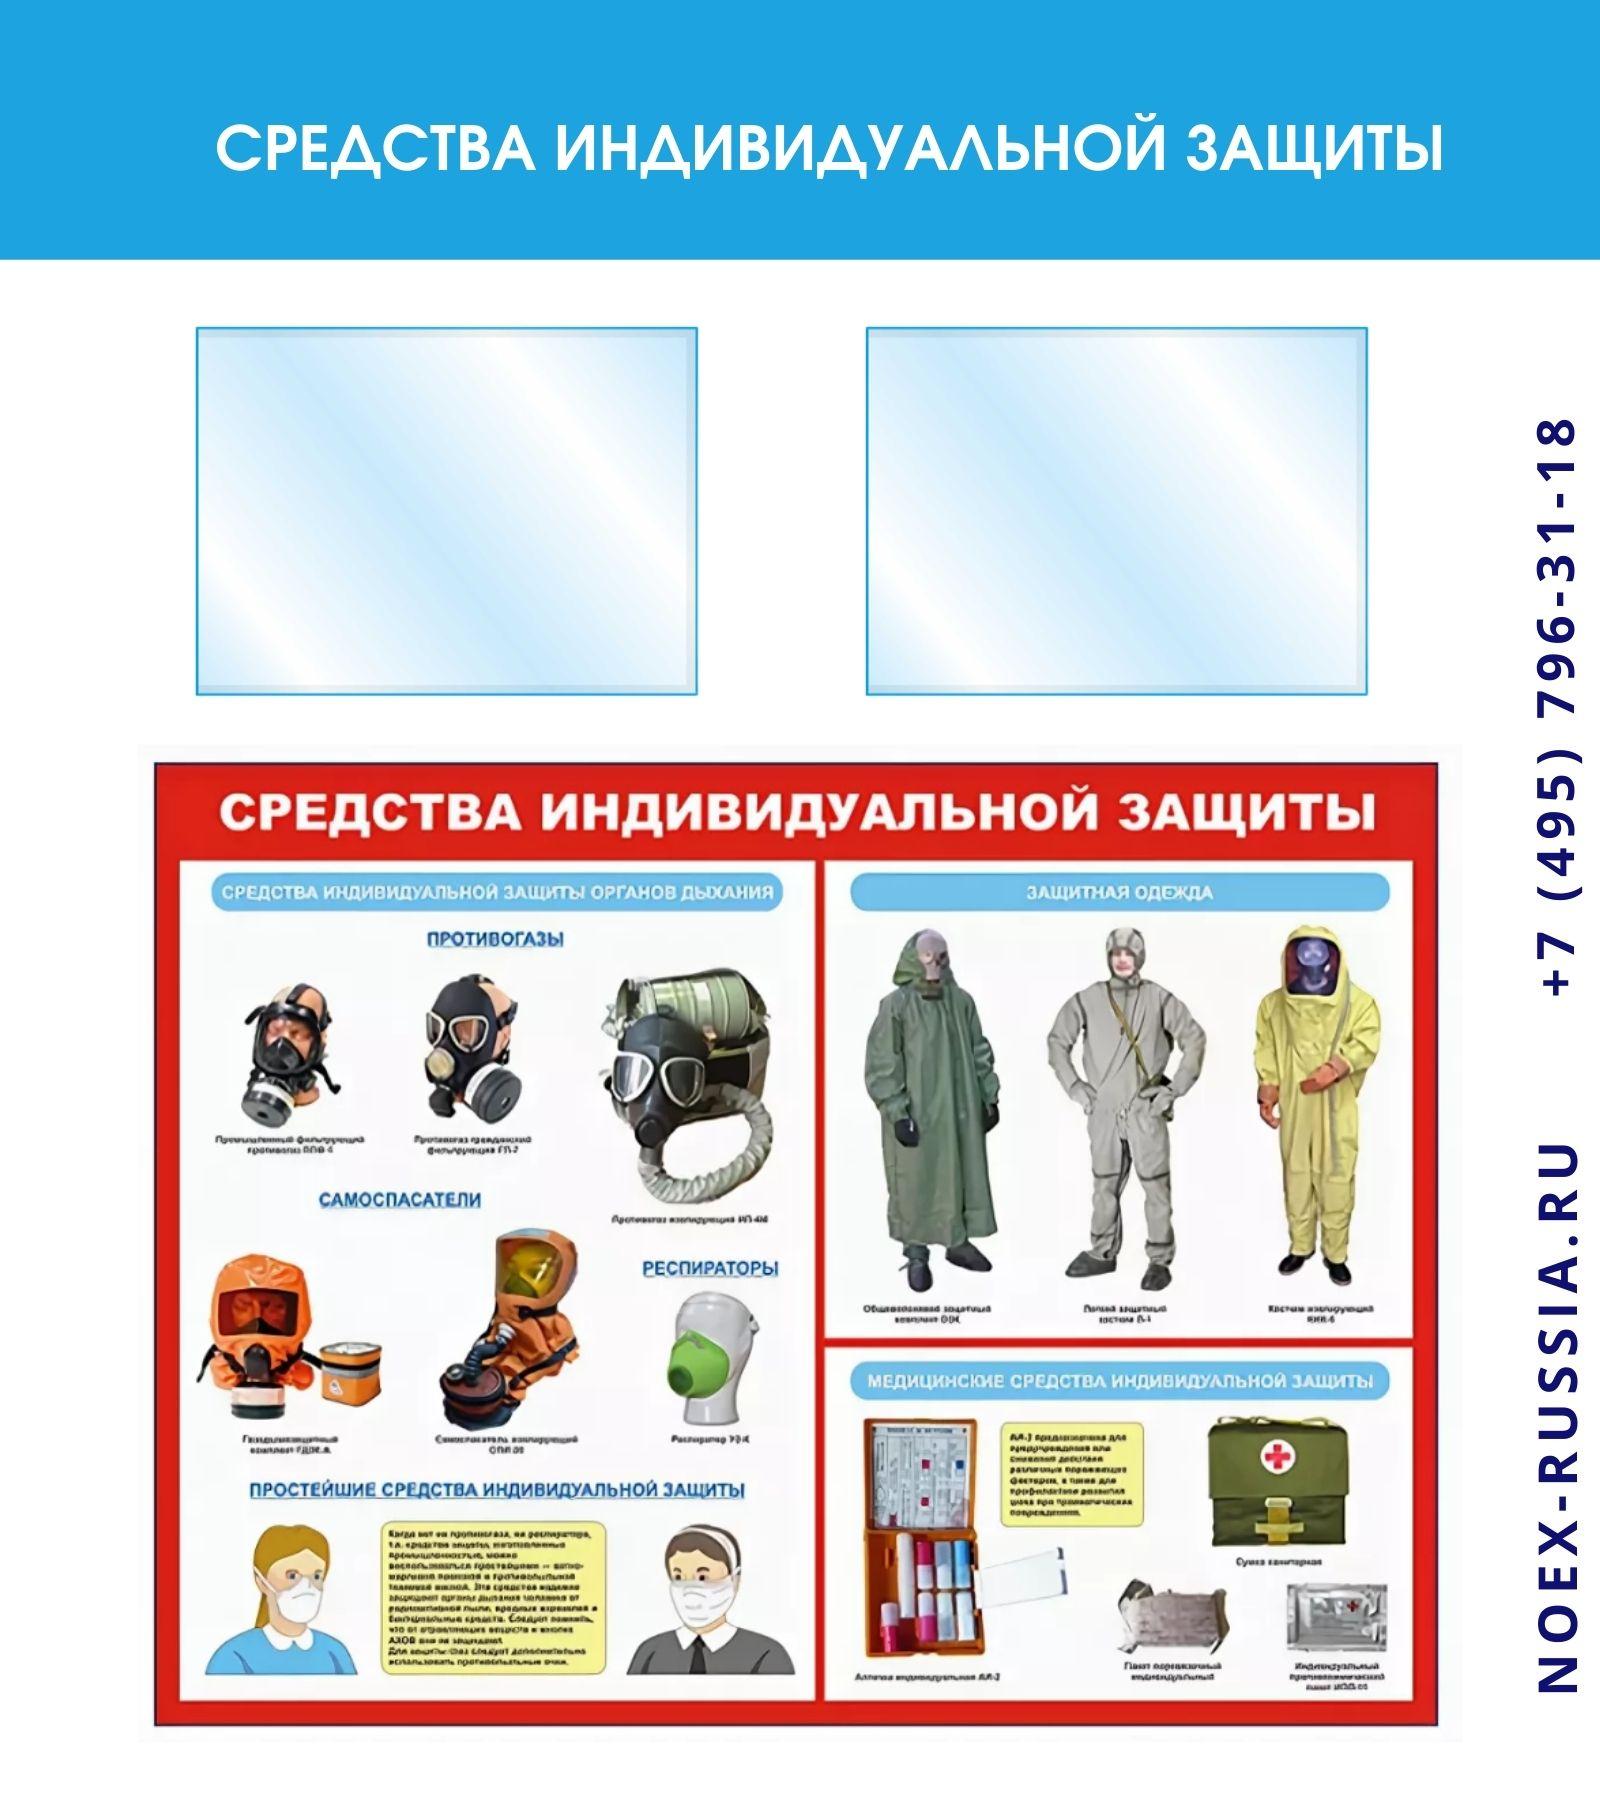 Информационный стенд Средства индивидуальной защиты